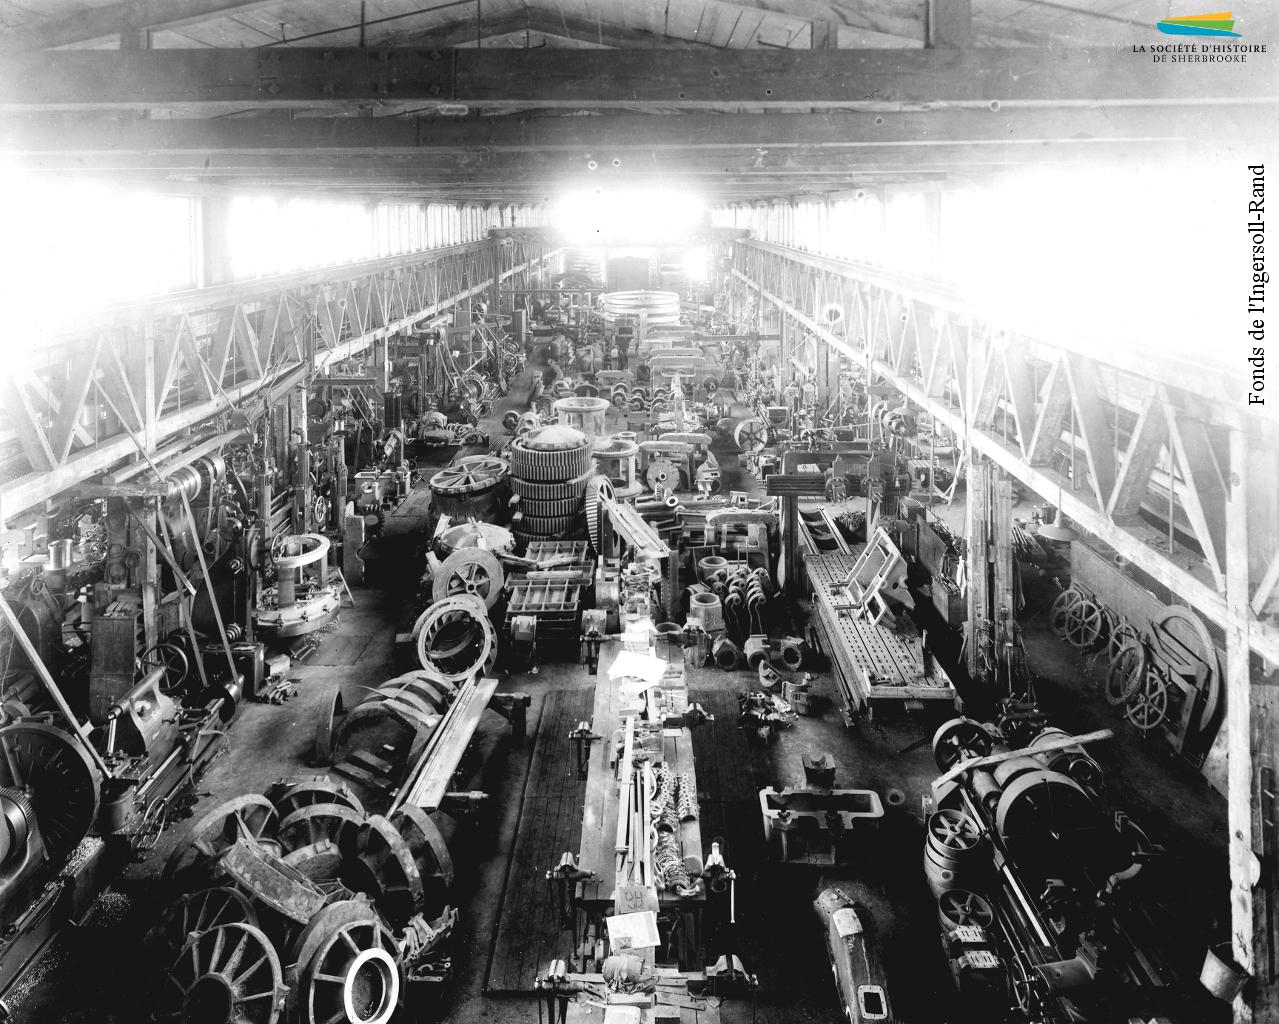 Une photographie prise à l'intérieur du complexe de la Jenckes Machine Company situé sur la rue Lansdowne (Grandes-Fourches Sud), entre 1900 et 1910.